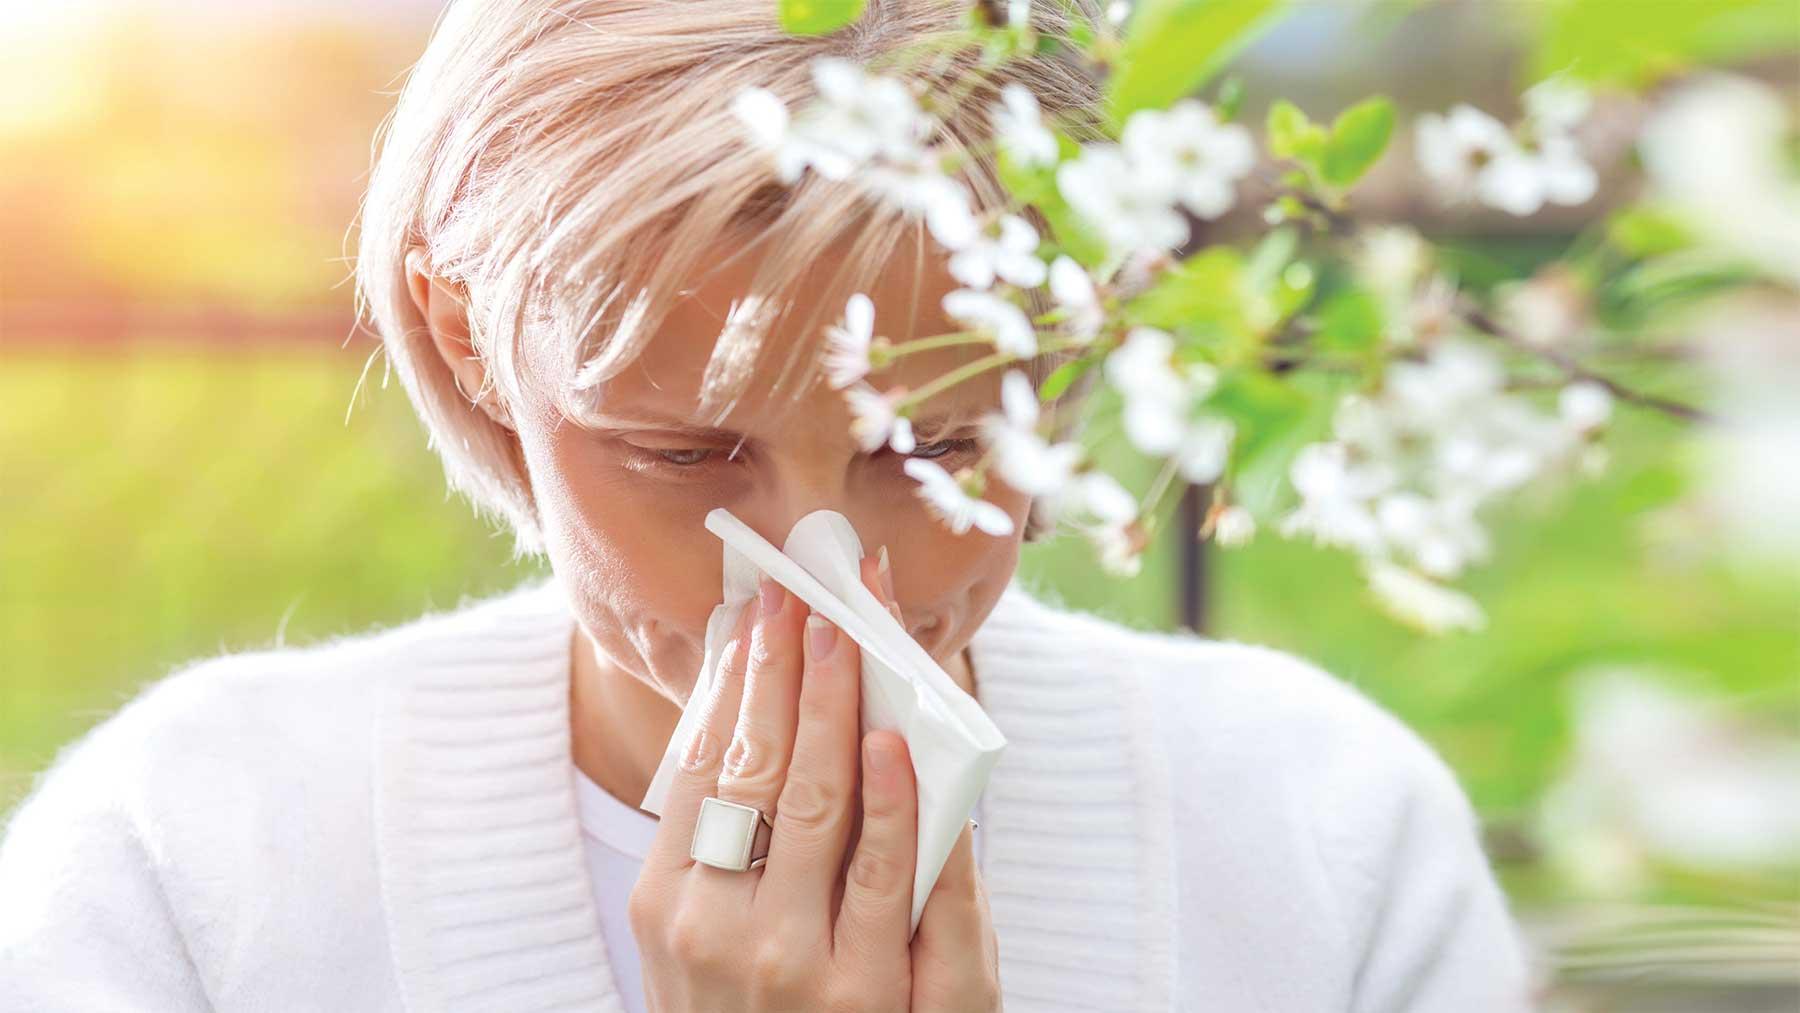 Lekarze ostrzegają przed intensywnym sezonem na alergie